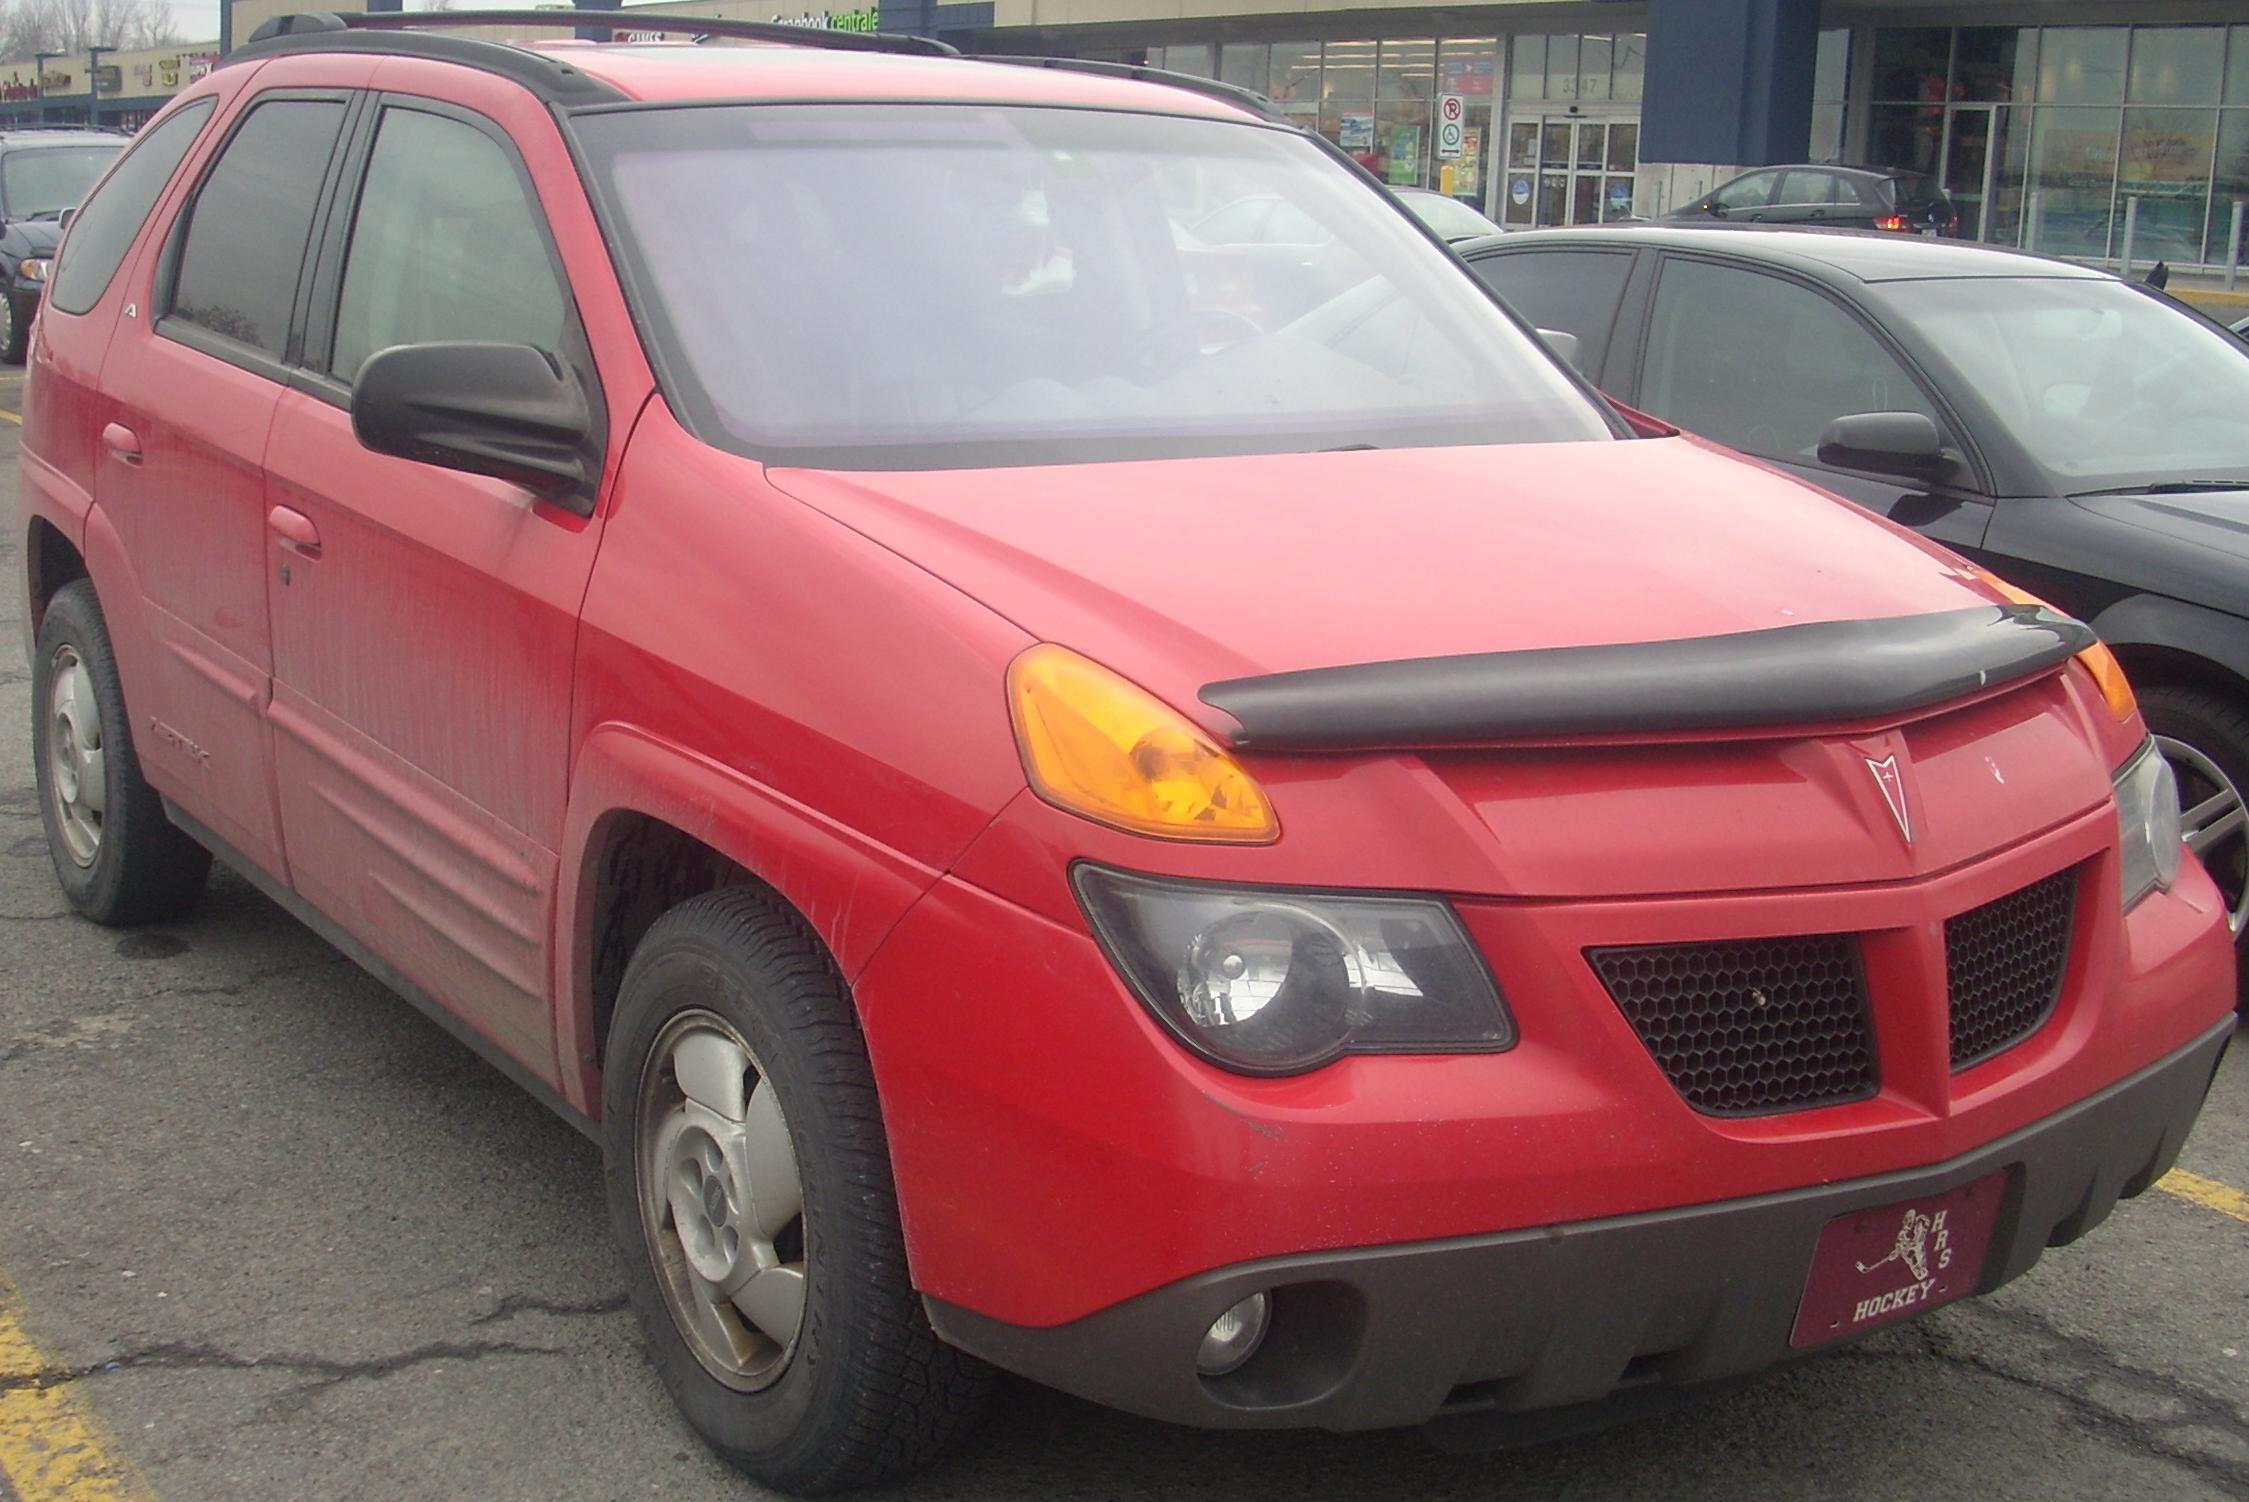 File:2001 Pontiac Aztek - red.jpg